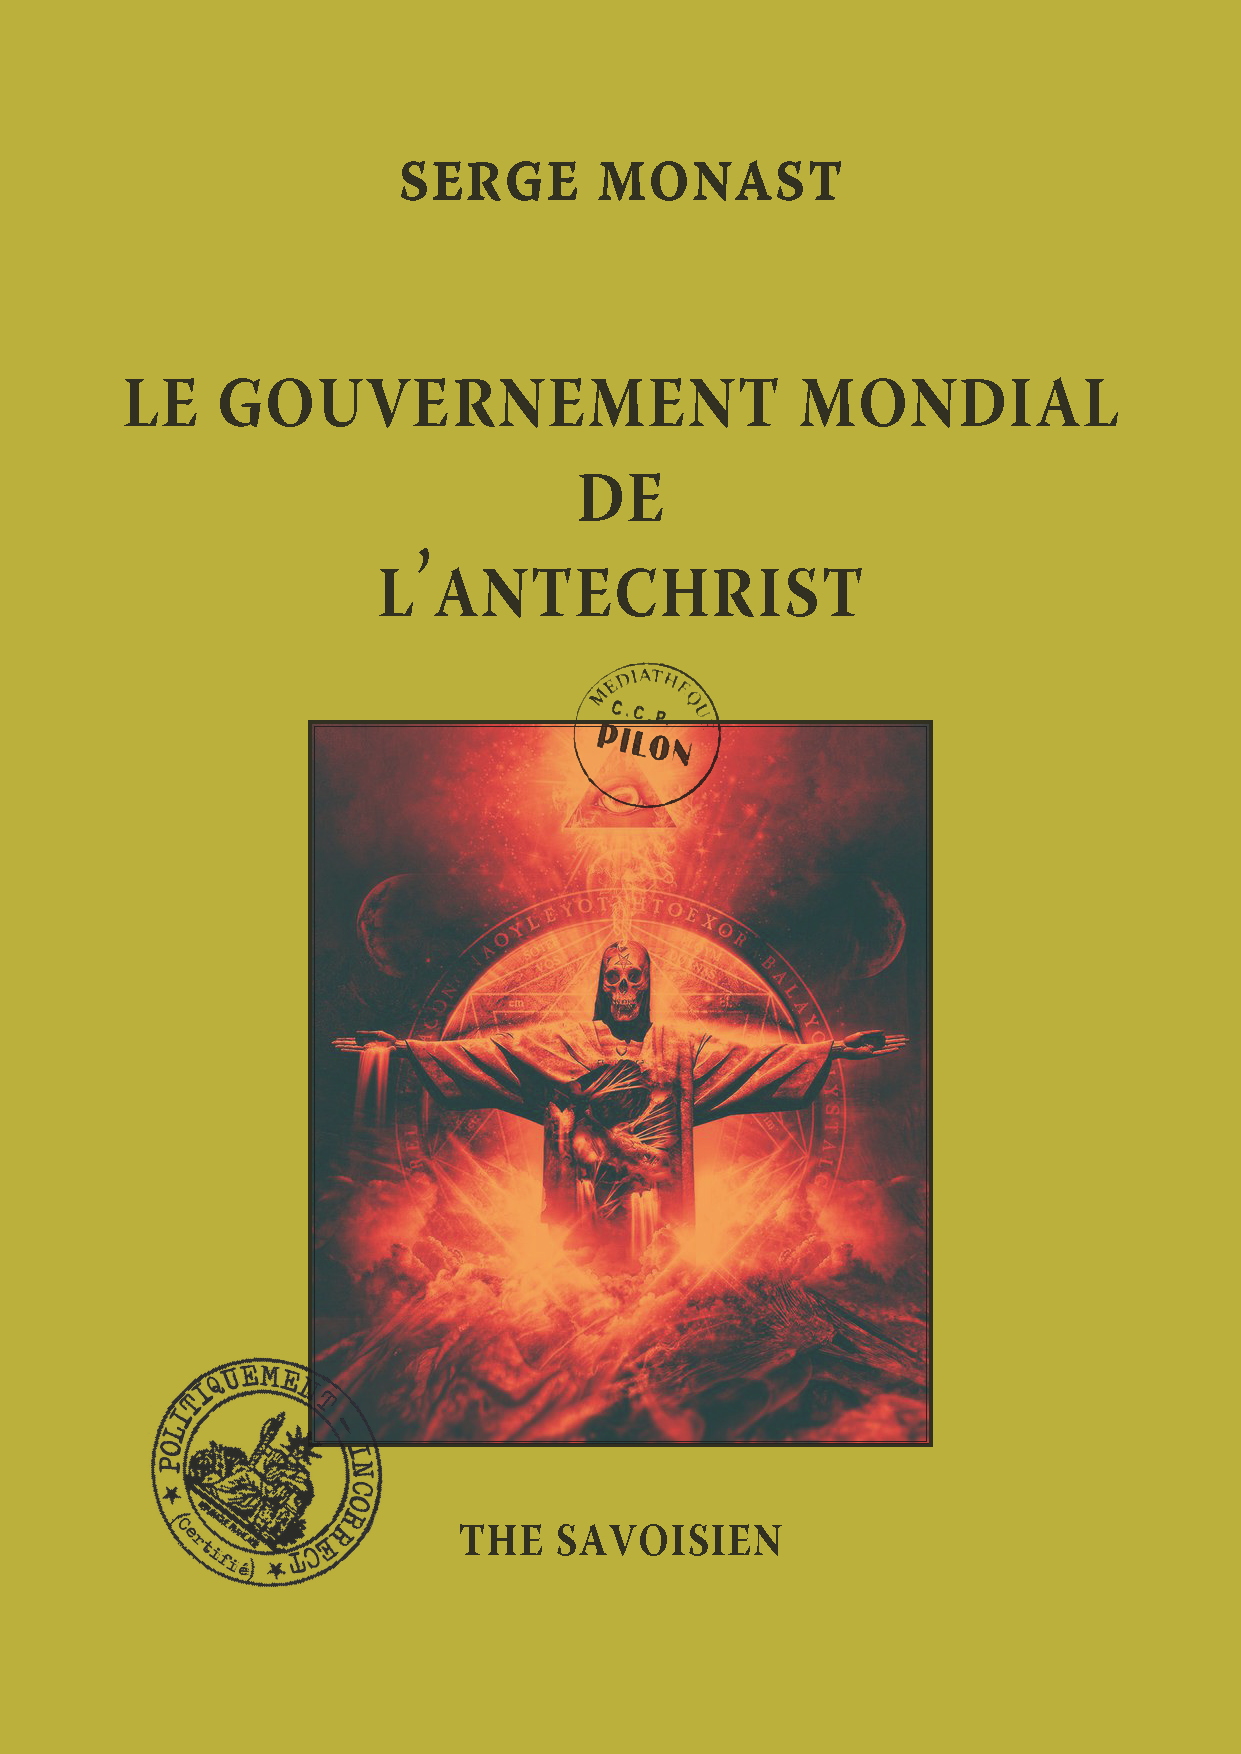 Pages_de_Le_gouvernement_mondial_de_l_antechrist.png